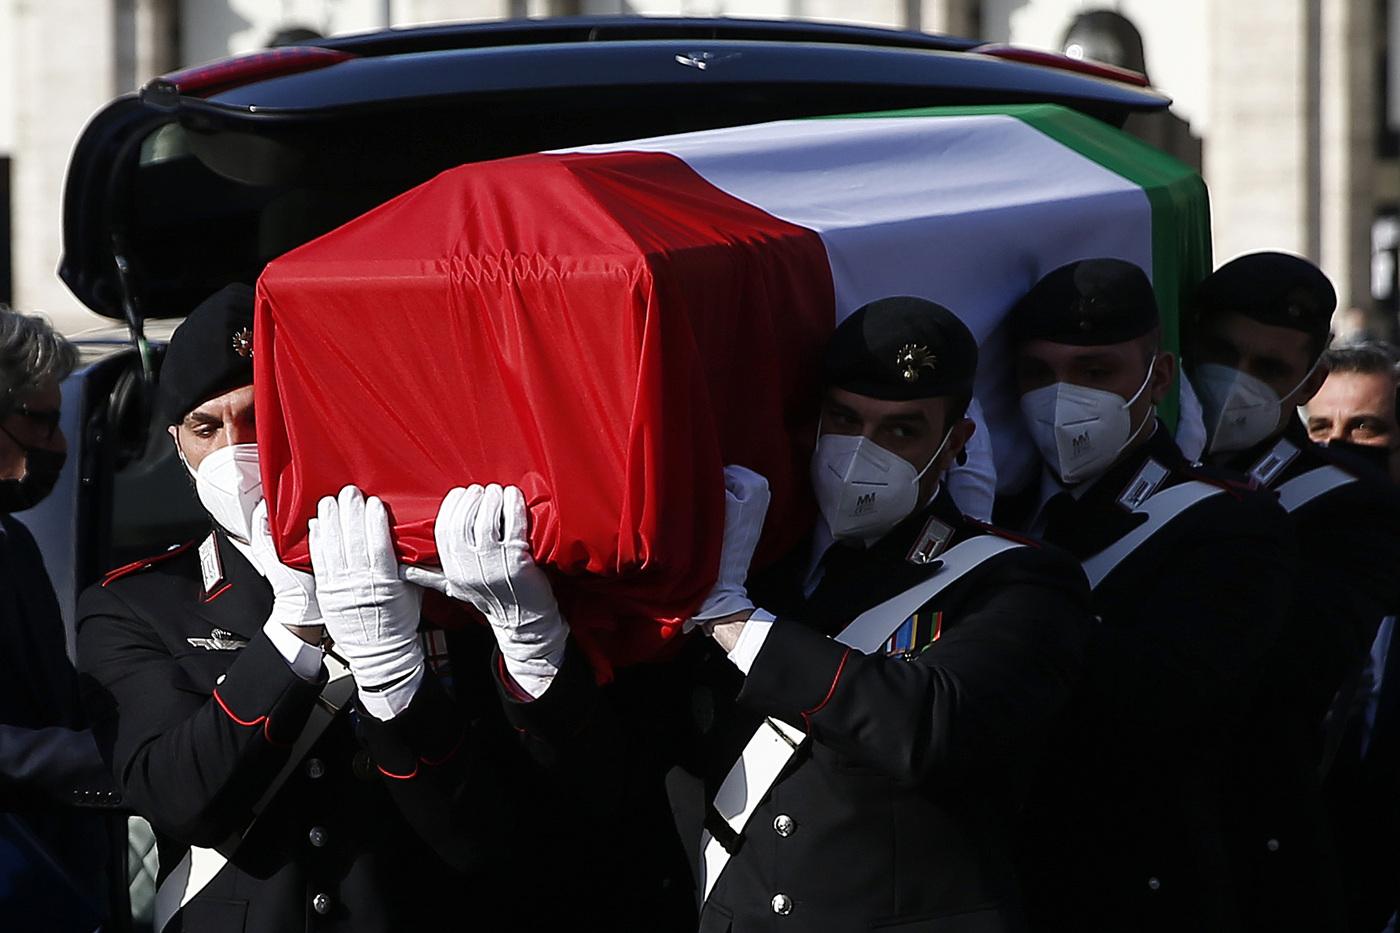 Attacco Congo: Funerali di stato per Attanasio e Iacovacci - i feretri avvolti dal tricolore